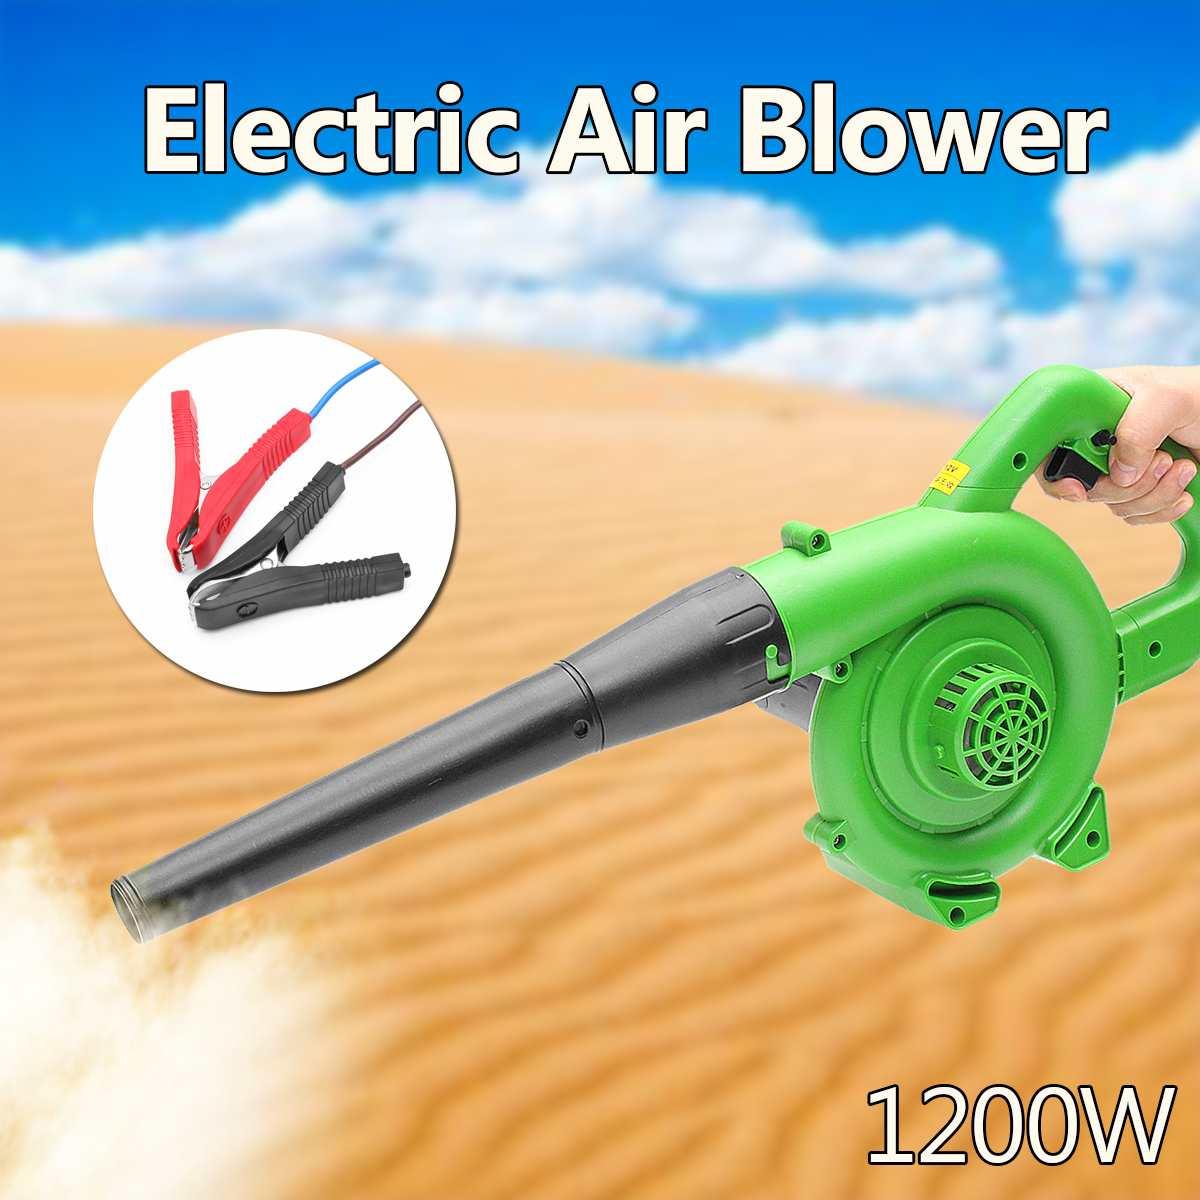 1200W électrique Portable électrique souffleur d'air souffleur tenu dans la main jardin feuille collecteur Air soufflant poussière feuille collecte Machine